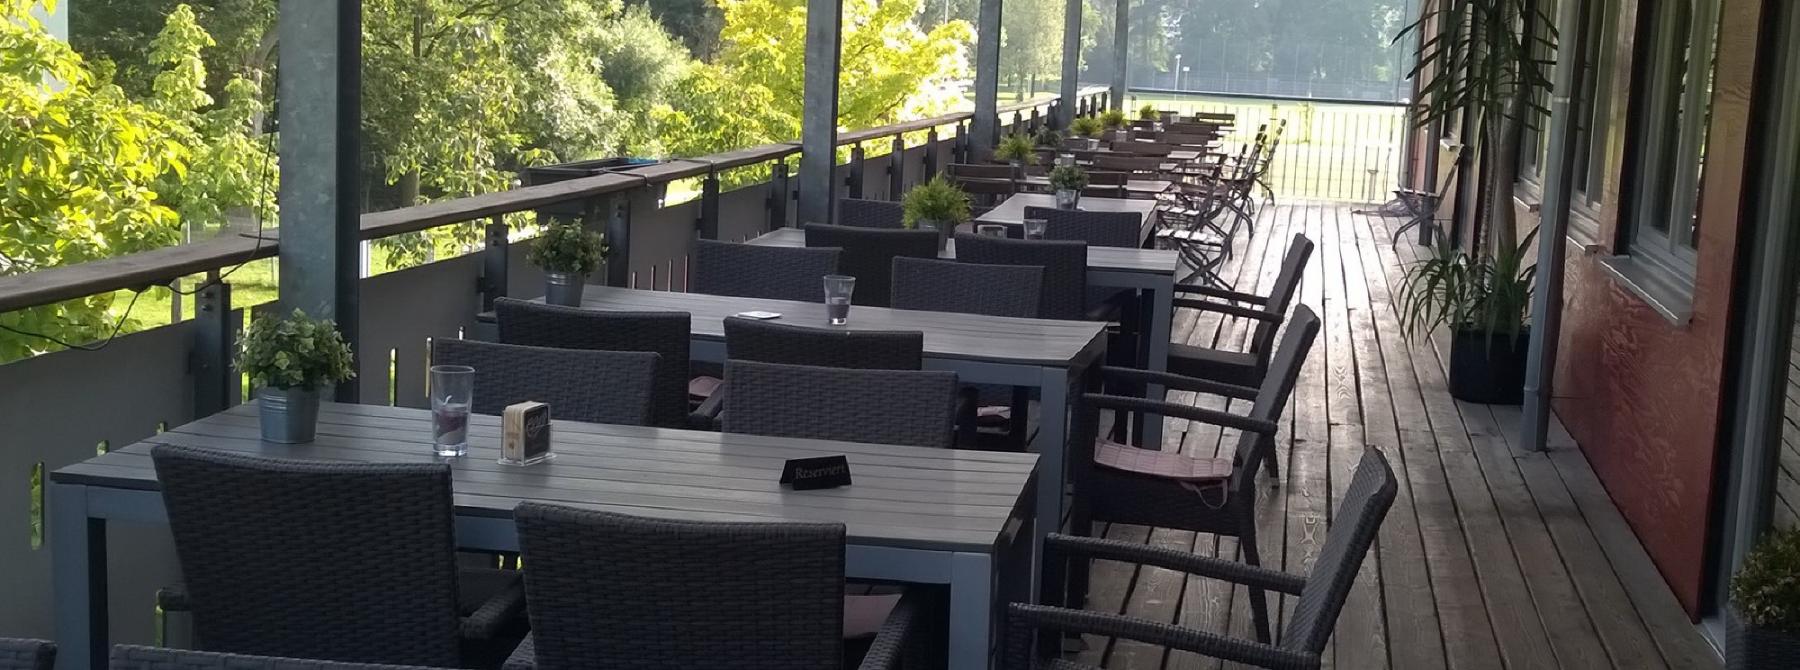 Restaurant Heilbronn Biergarten Heilbronn Gaststätte Zum Reegen